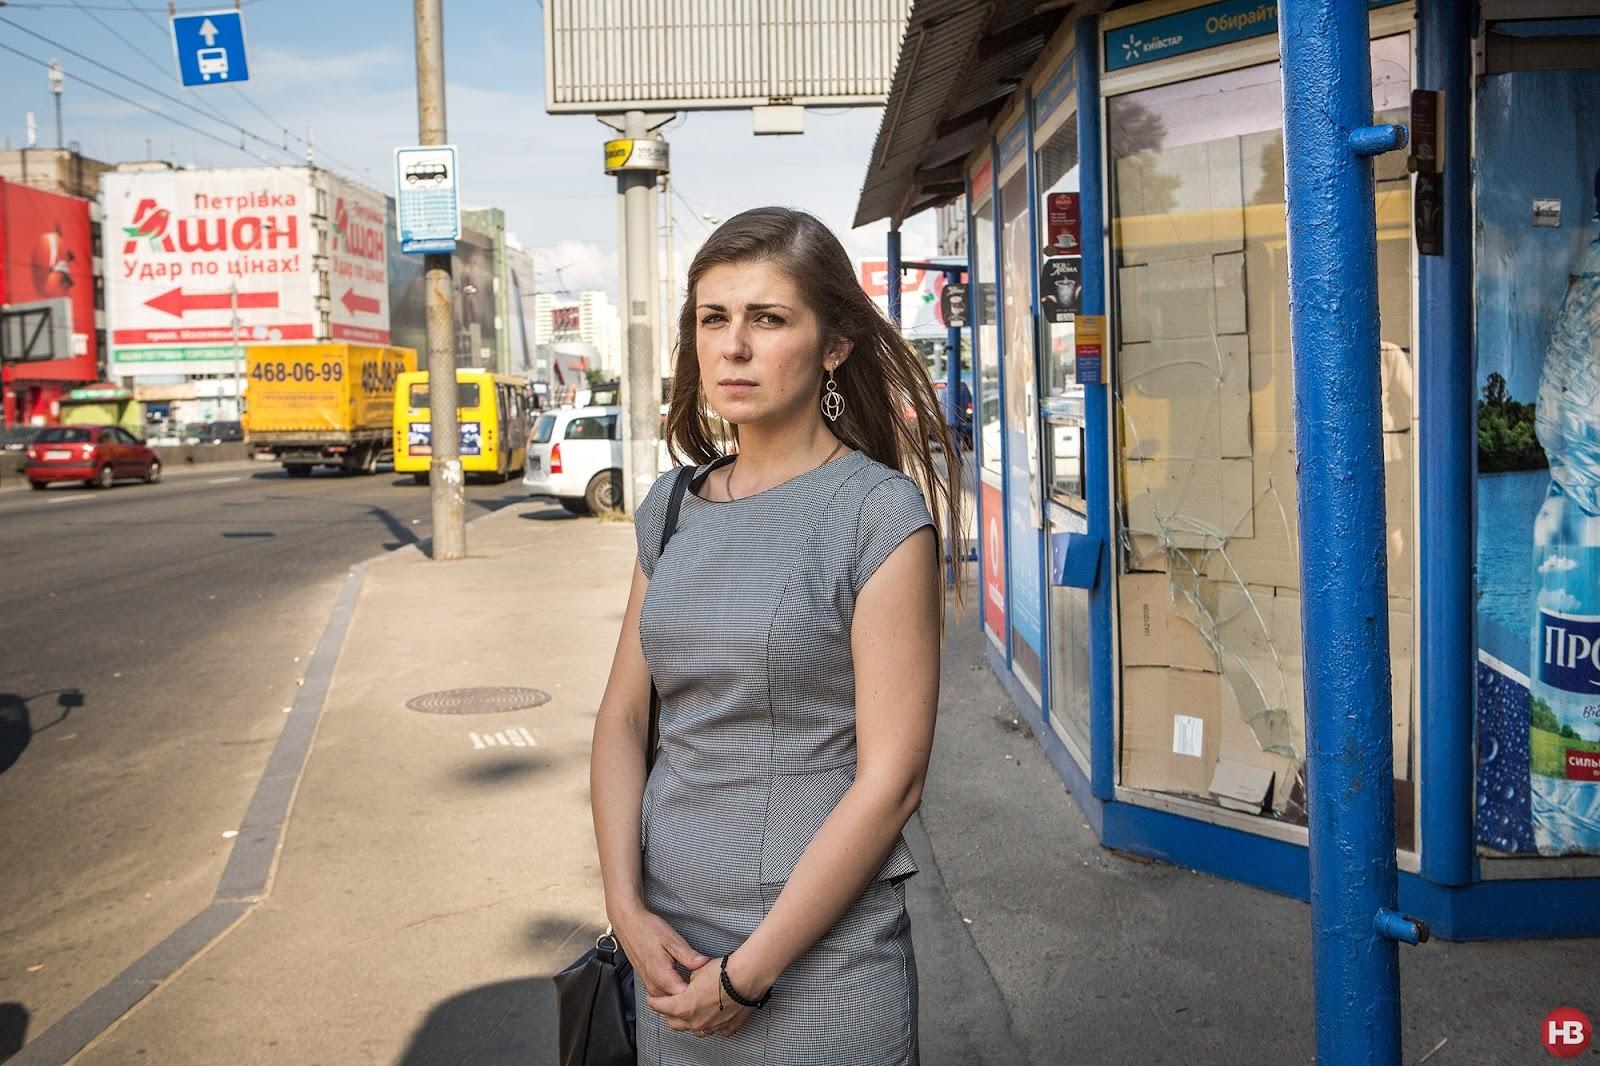 ПОСЛЕДНЯЯ ОСТАНОВКА: Киевлянка Юлия Кашпар стоит на том месте, где под колесами вылетевшего на обочину автомобиля погибла ее мать, ожидавшая общественный транспорт